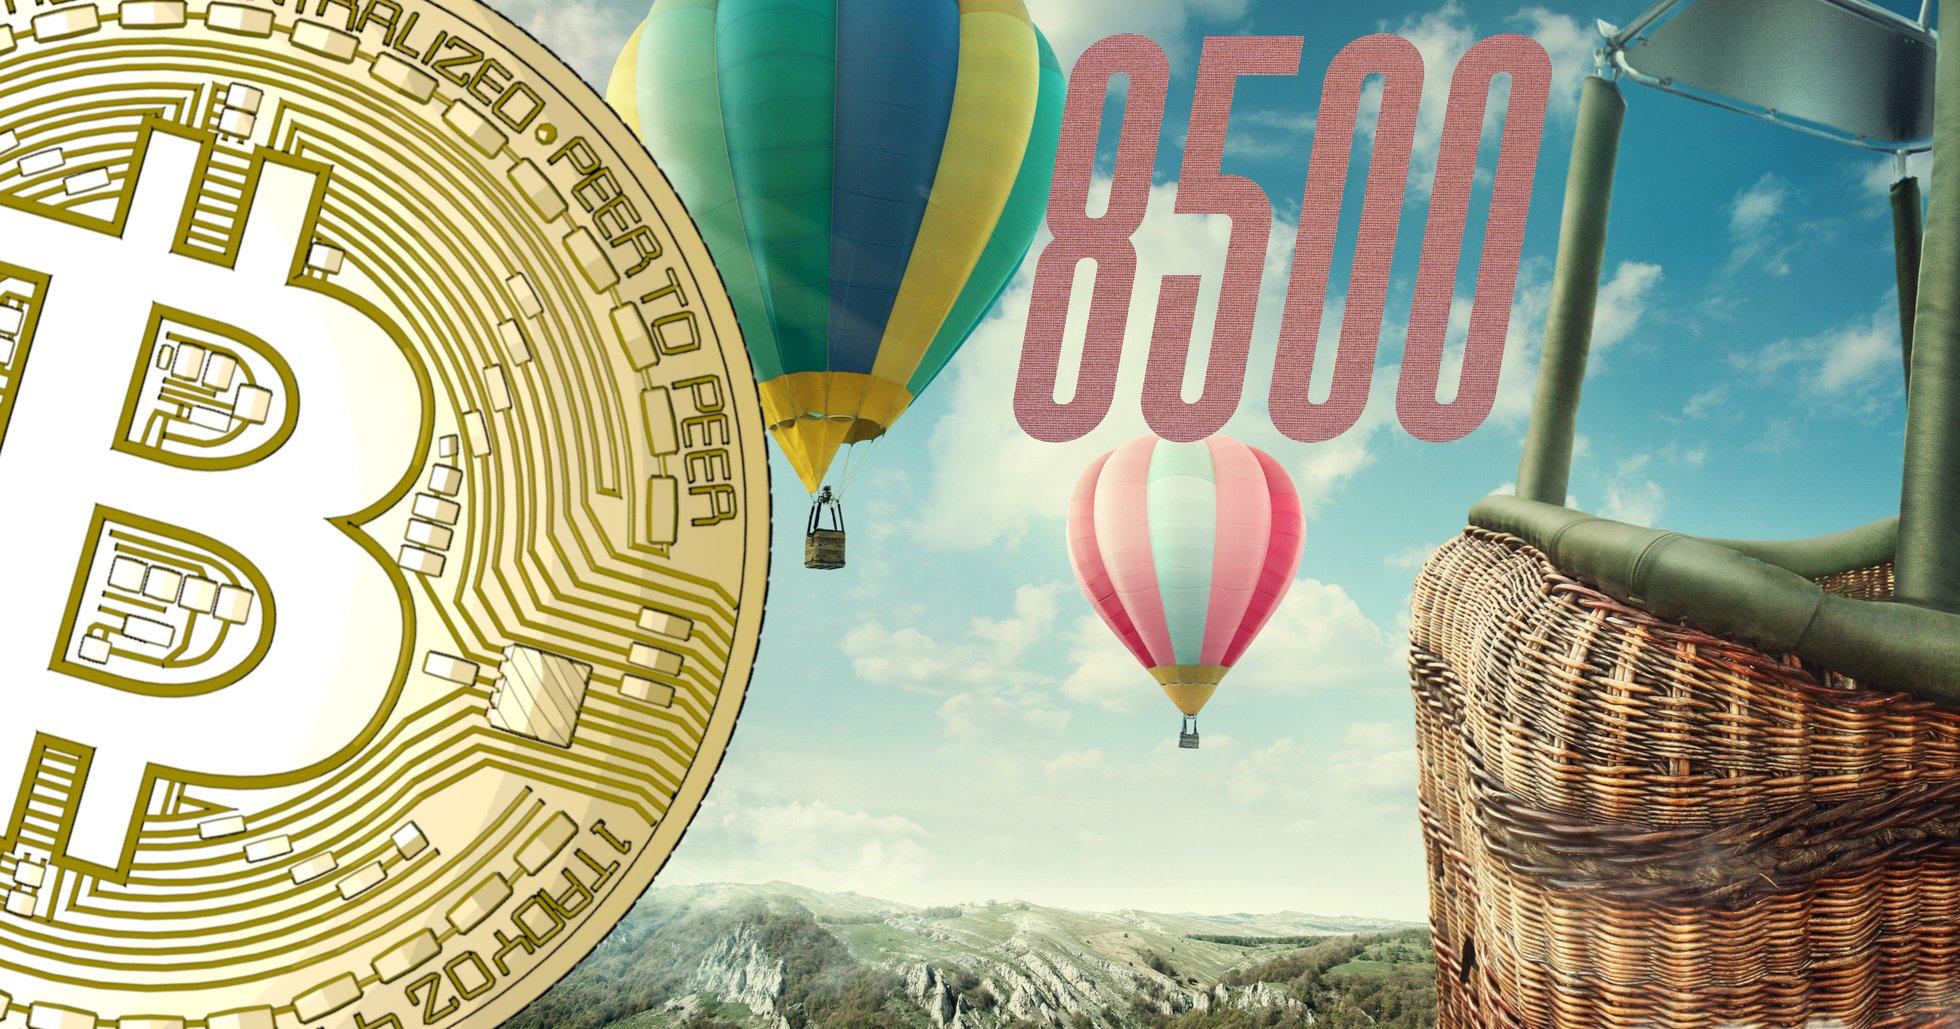 Bitcoinpriset får ny fart igen – har ökat över tio procent under senaste dygnet.